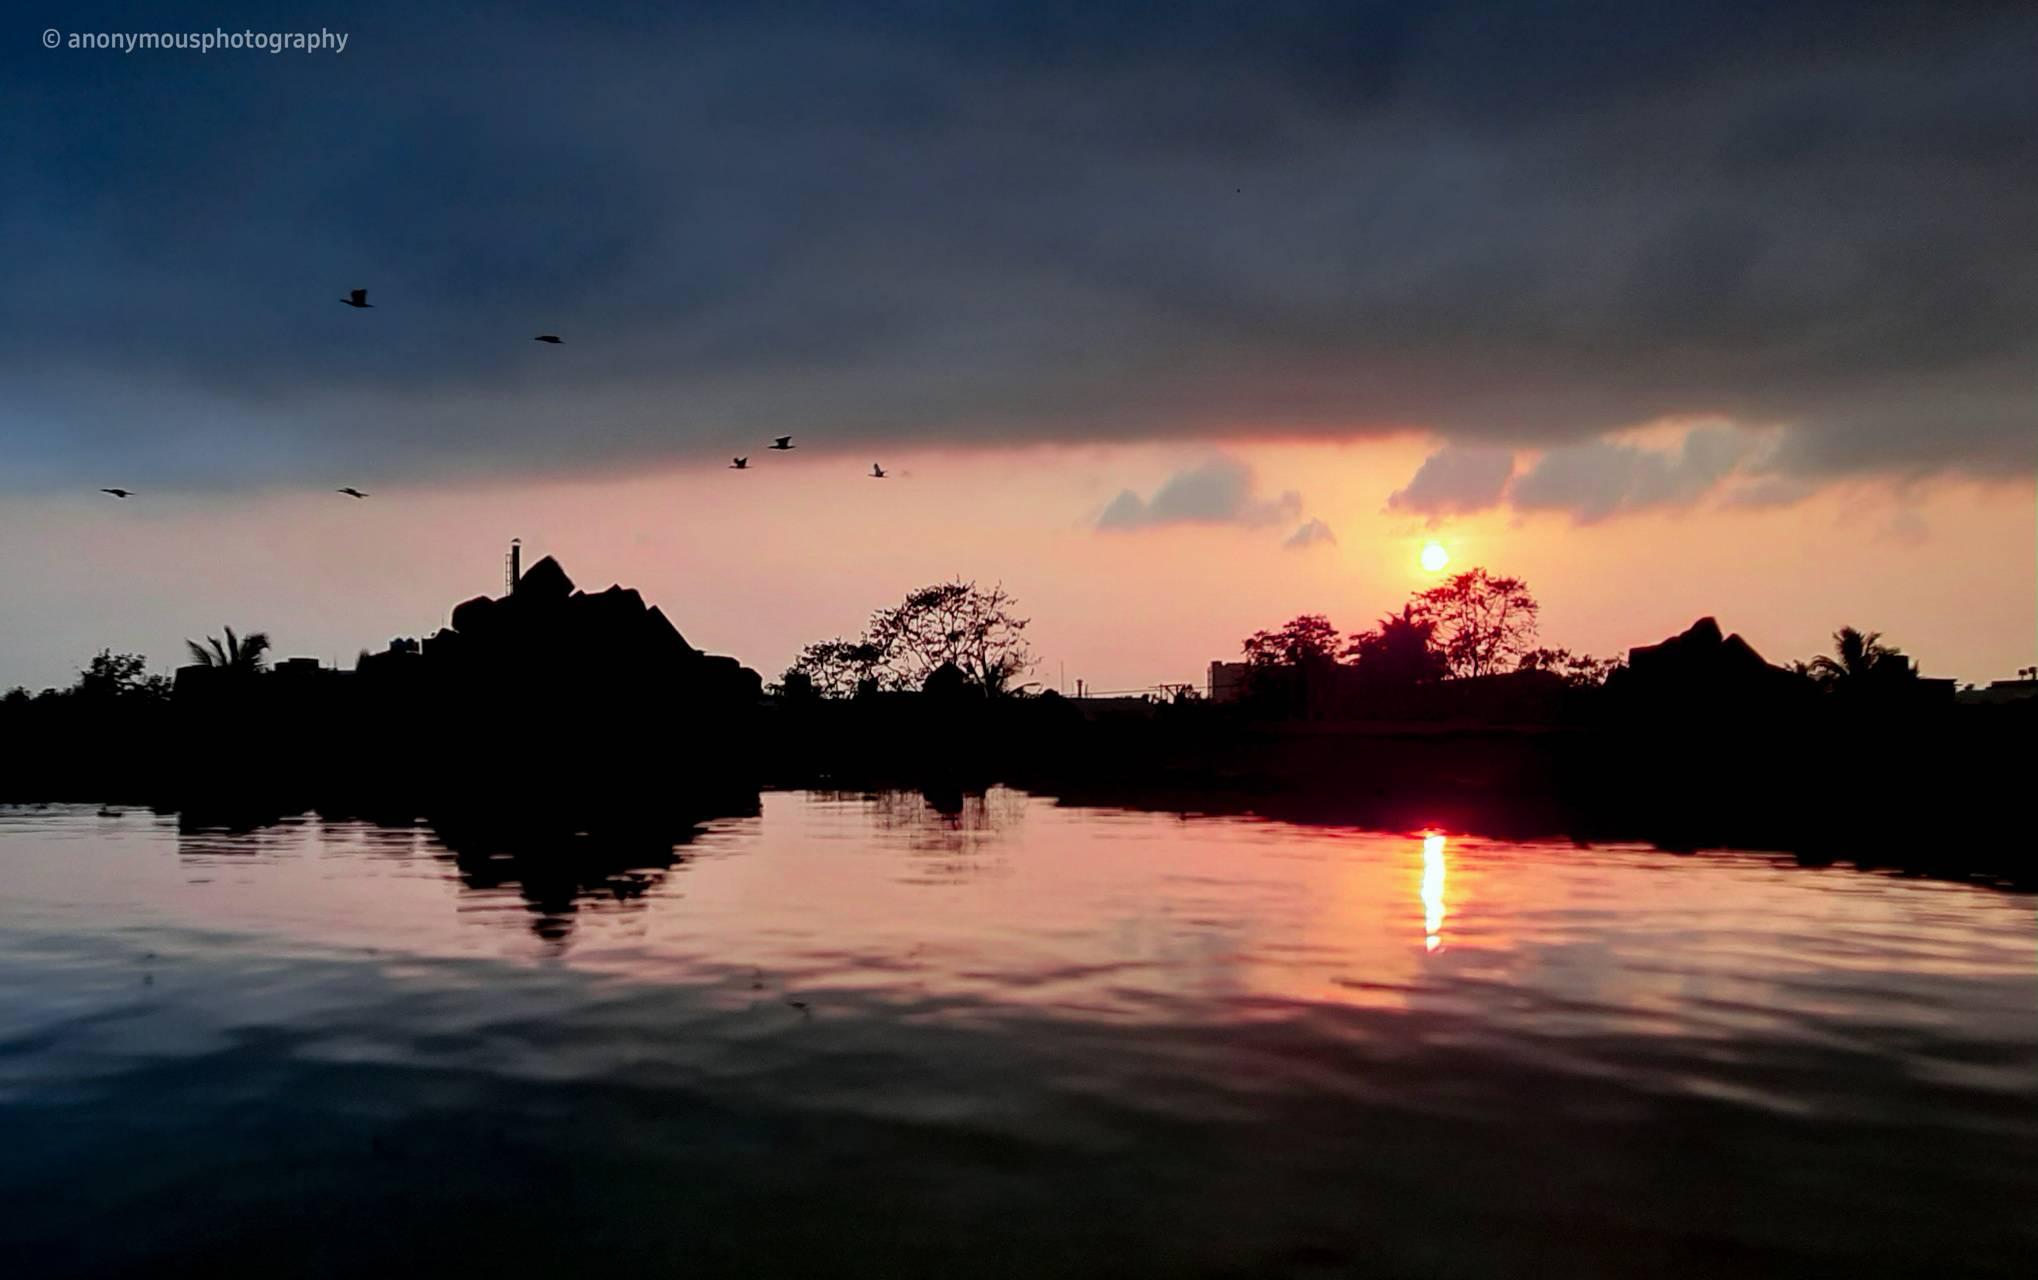 Dawn or dusk